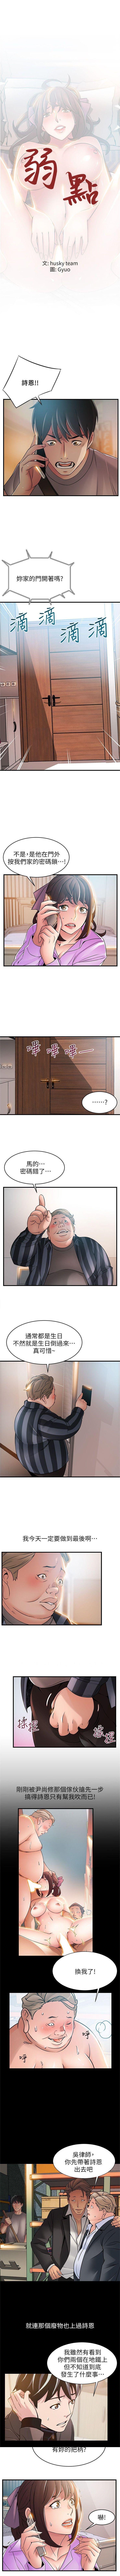 弱點 1-101 官方中文(連載中) 211